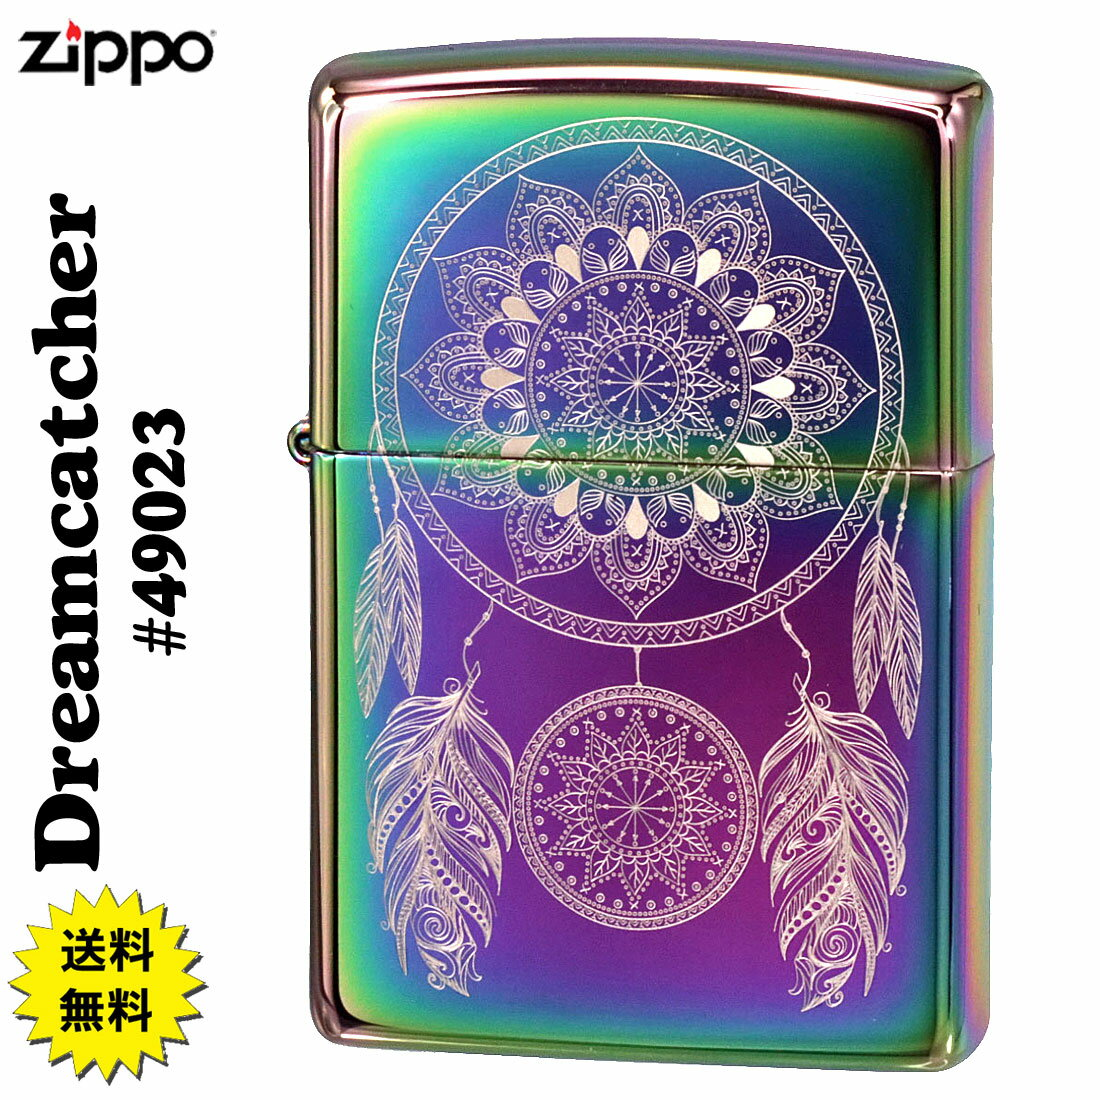 喫煙具, ライター zippo () Dreamcatcher 49023